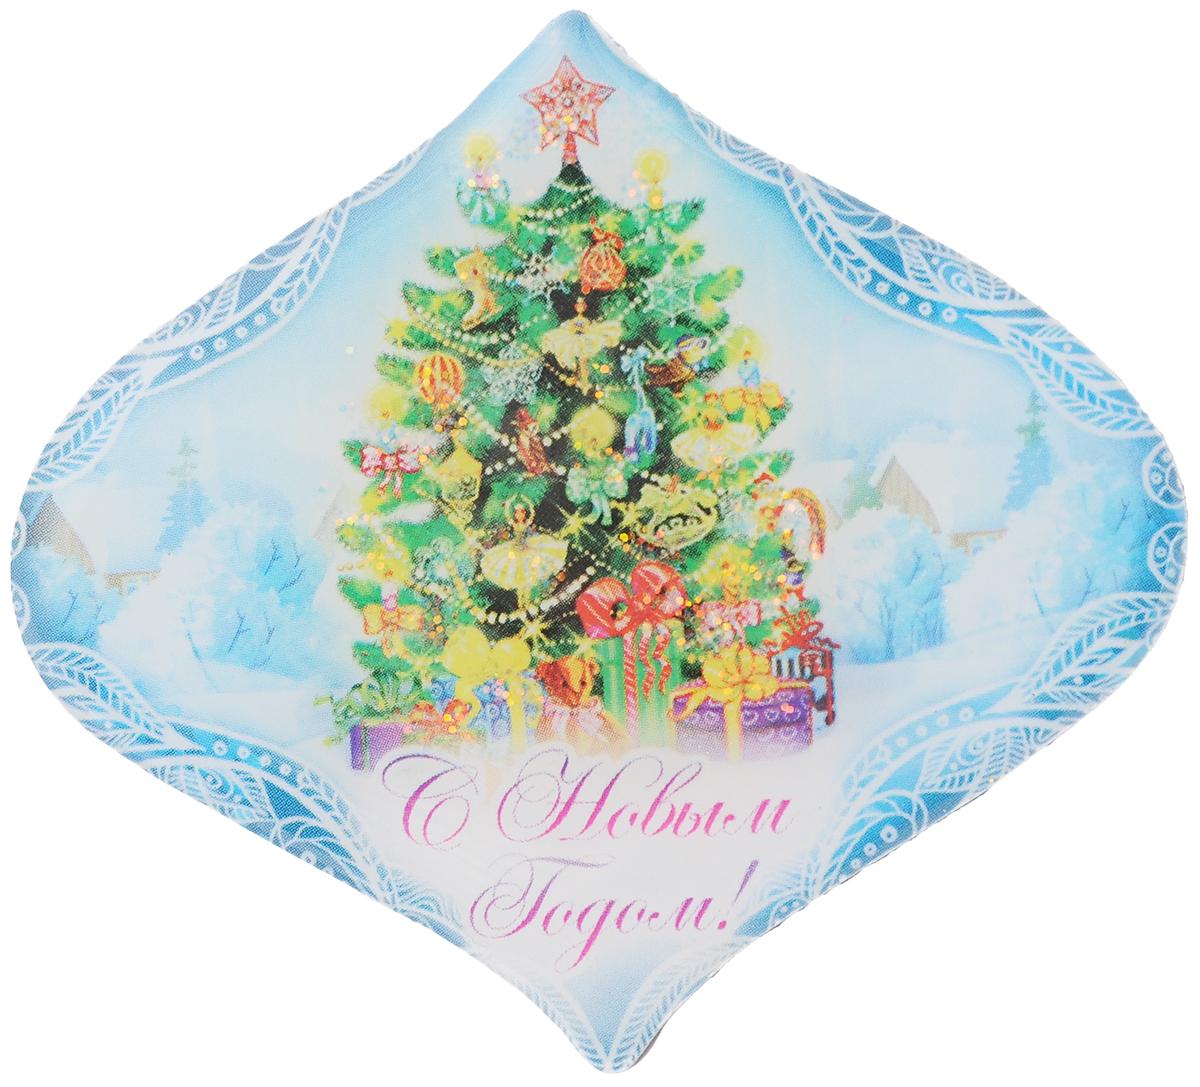 Магнит декоративный Magic Time Пушистая елочка, 6,7 x 6 см42294Магнит Magic Time Пушистая елочка, выполненный из агломерированного феррита, прекрасно подойдет в качестве сувенира к Новому году или станет приятным презентом в обычный день. Магнит - одно из самых простых, недорогих и при этом оригинальных украшений интерьера. Он поможет вам украсить не только холодильник, но и любую другую магнитную поверхность.Размер: 6,7 х 6 см.Материал: агломерированный феррит.